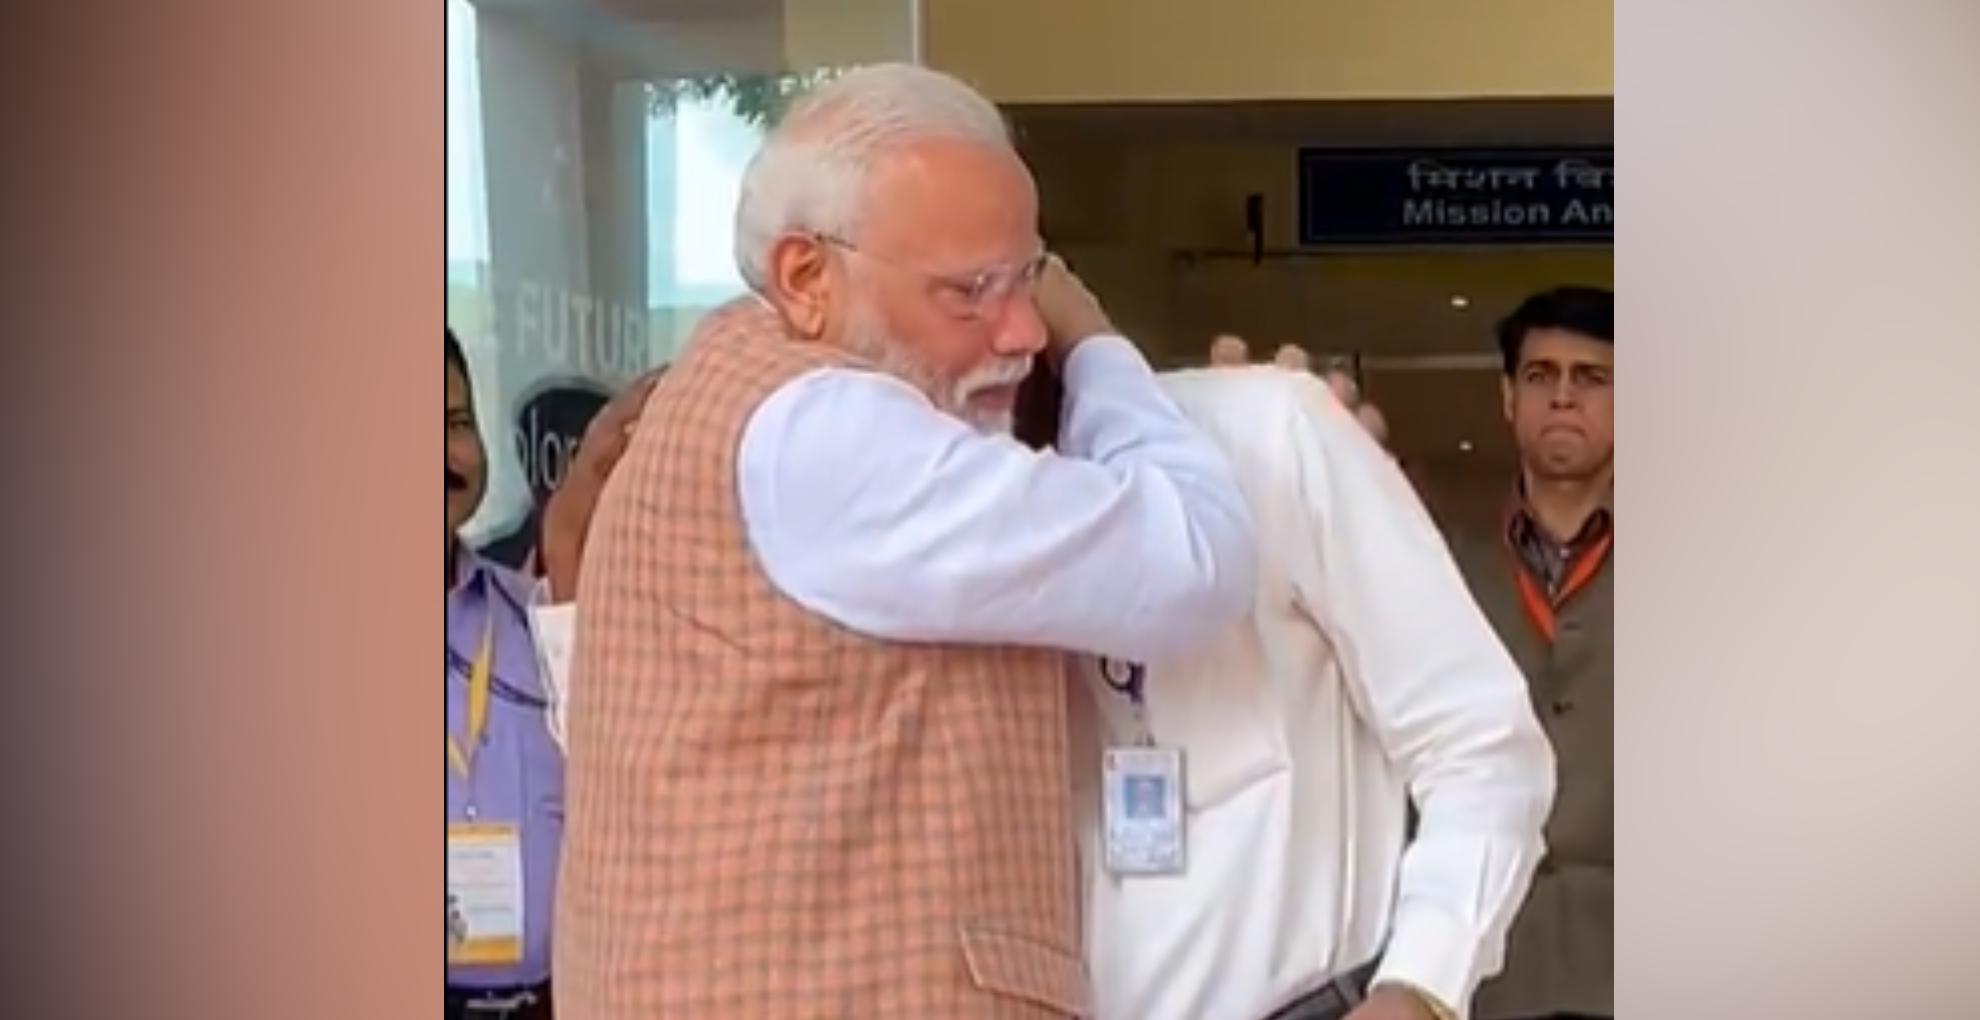 चन्द्रयान 2 को लेकर भावुक हुए इसरो चीफ, तो PM मोदी ने यूं गले लगा थपथपाई पीठ, देखिए ये इमोशनल वीडियो